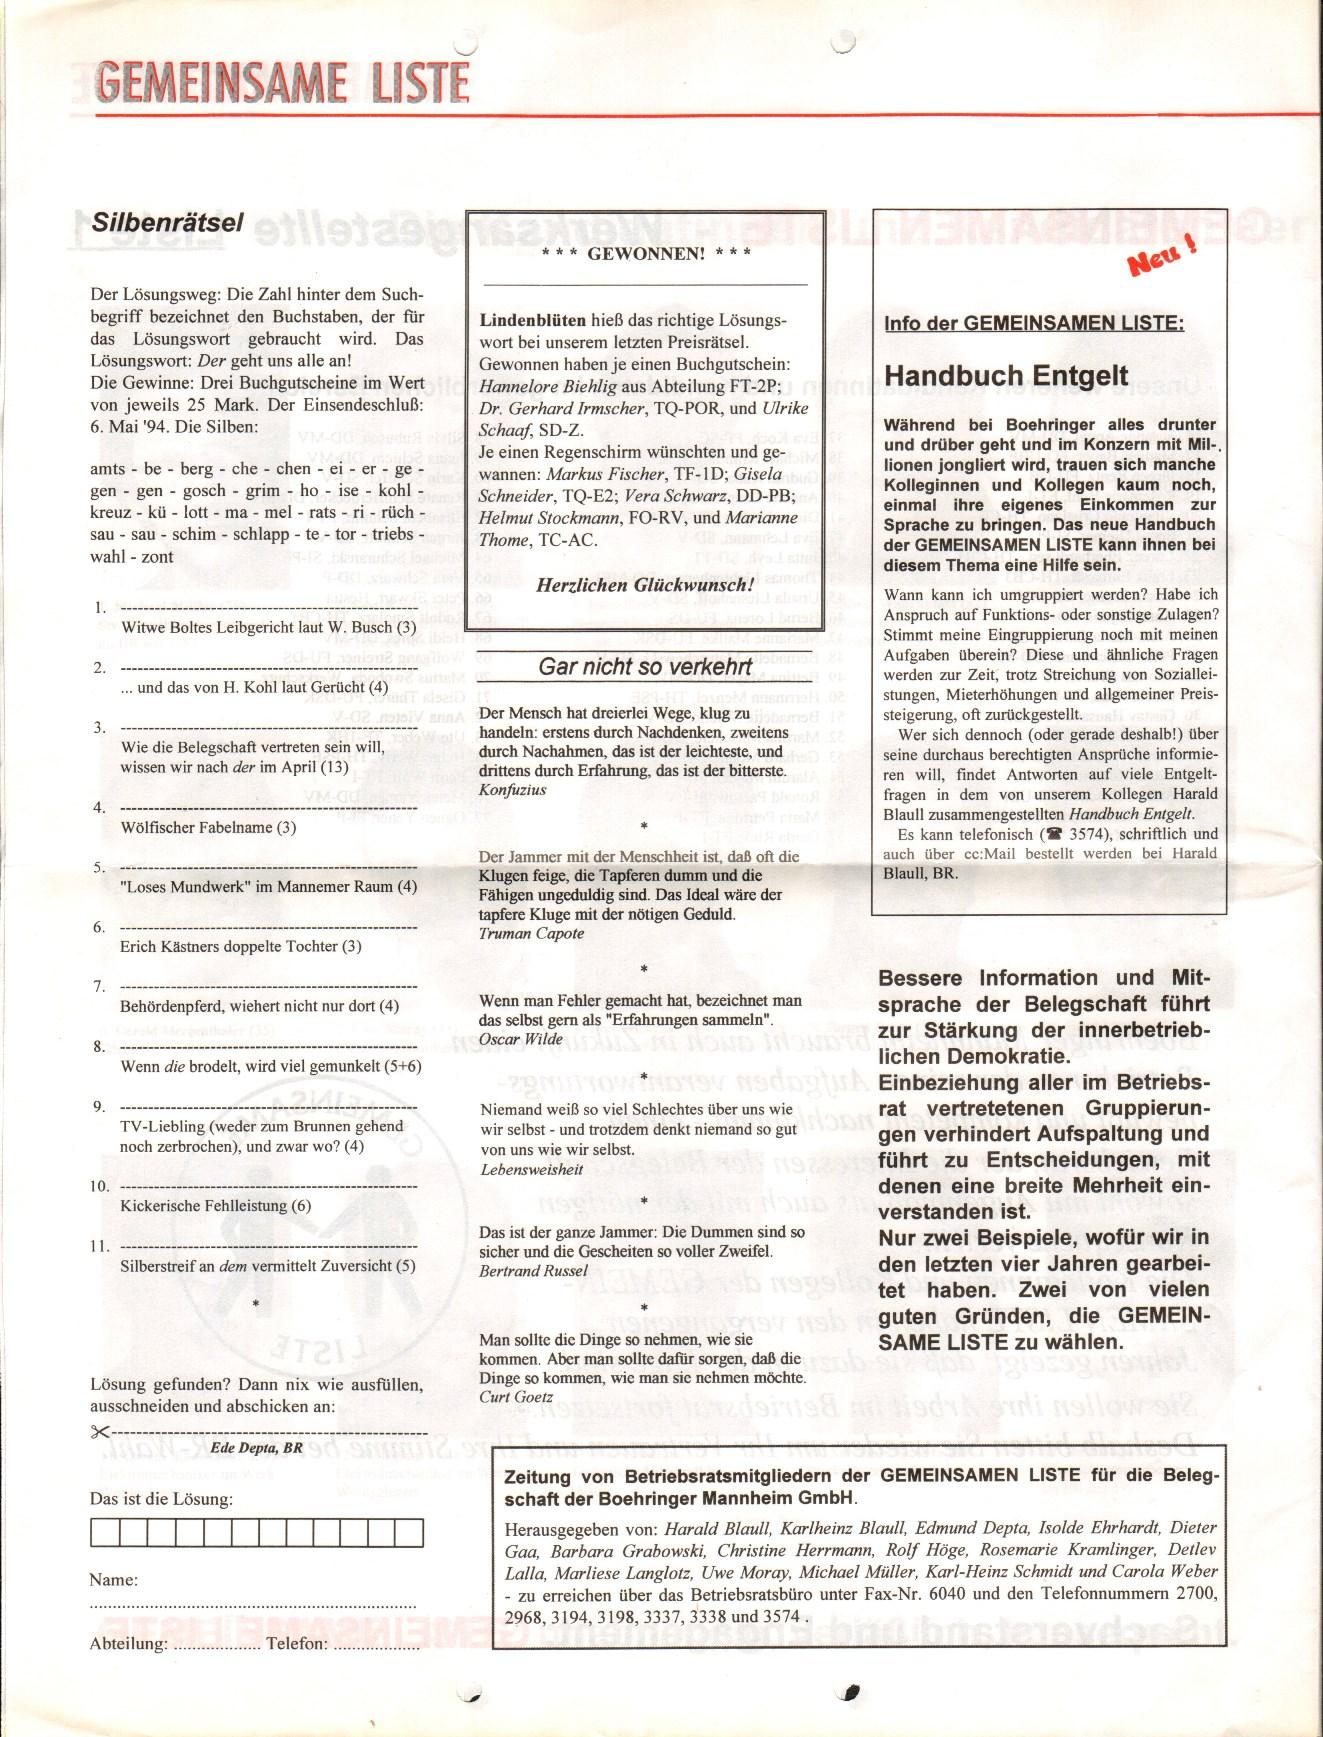 Mannheim_Boehringer_Gemeinsame_Liste_1994_02_06